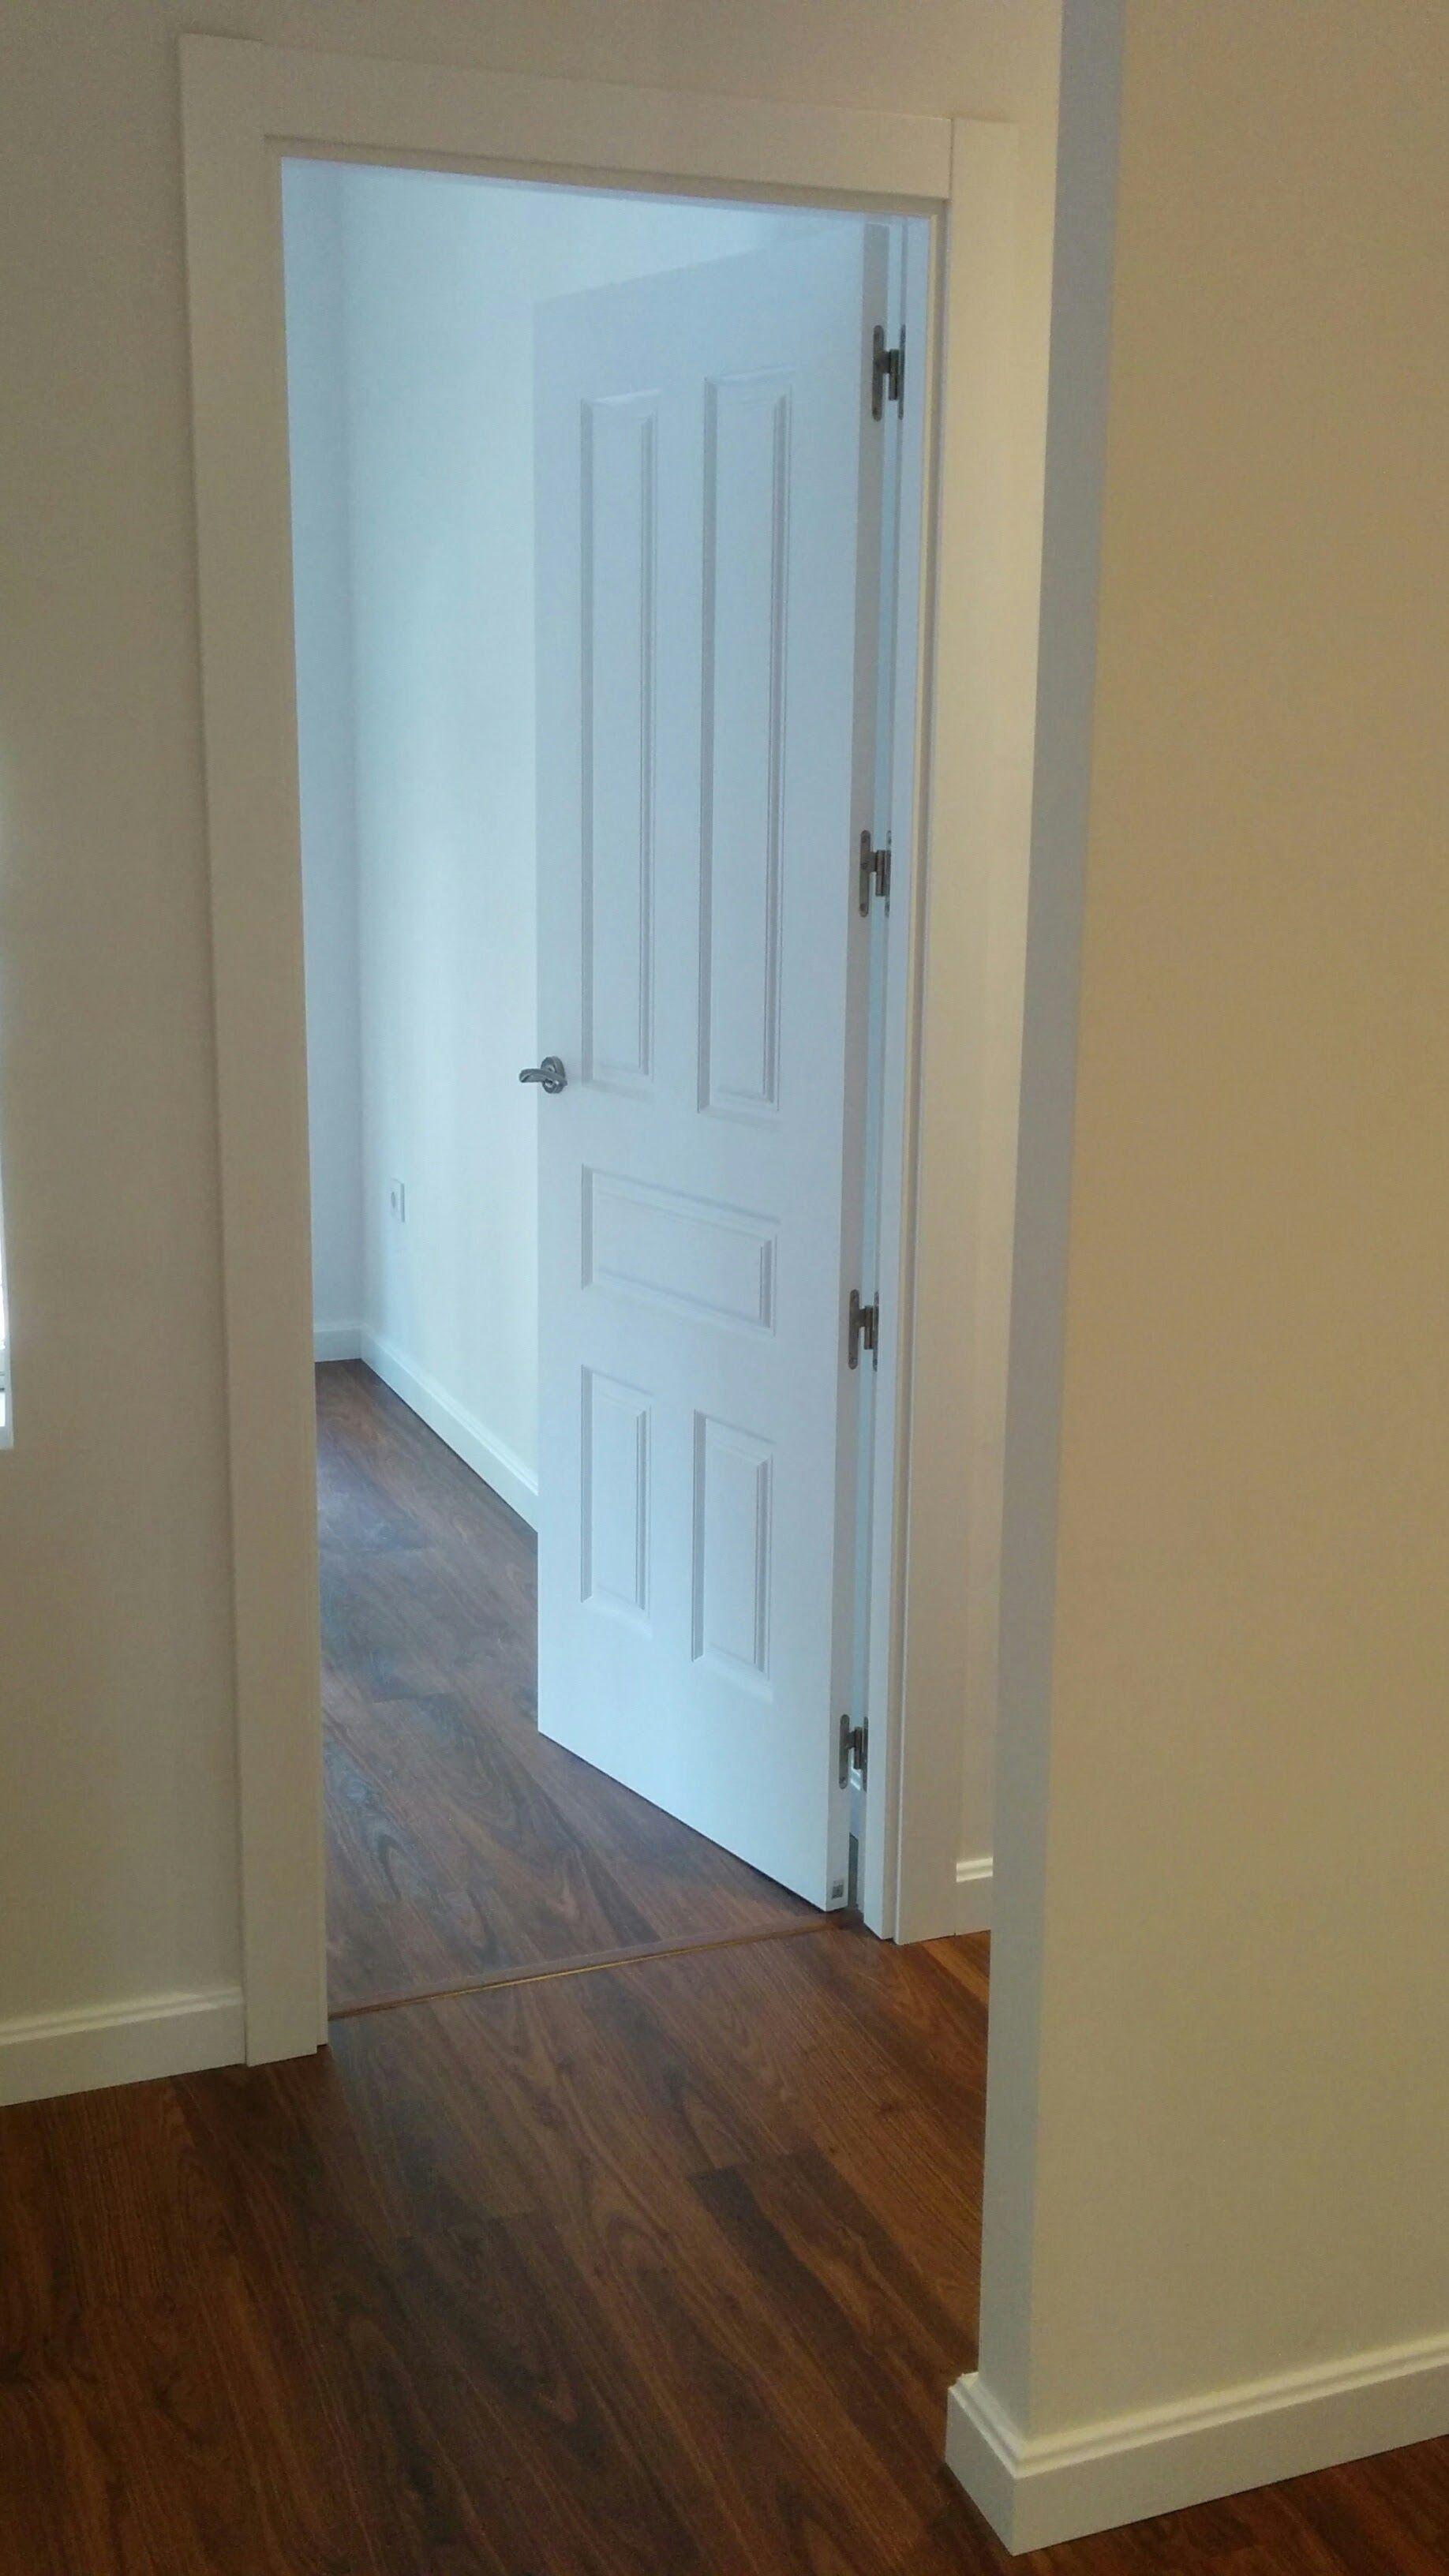 Modelo donatello lacado en blanco puertas castalla quick - Pernios para puertas ...